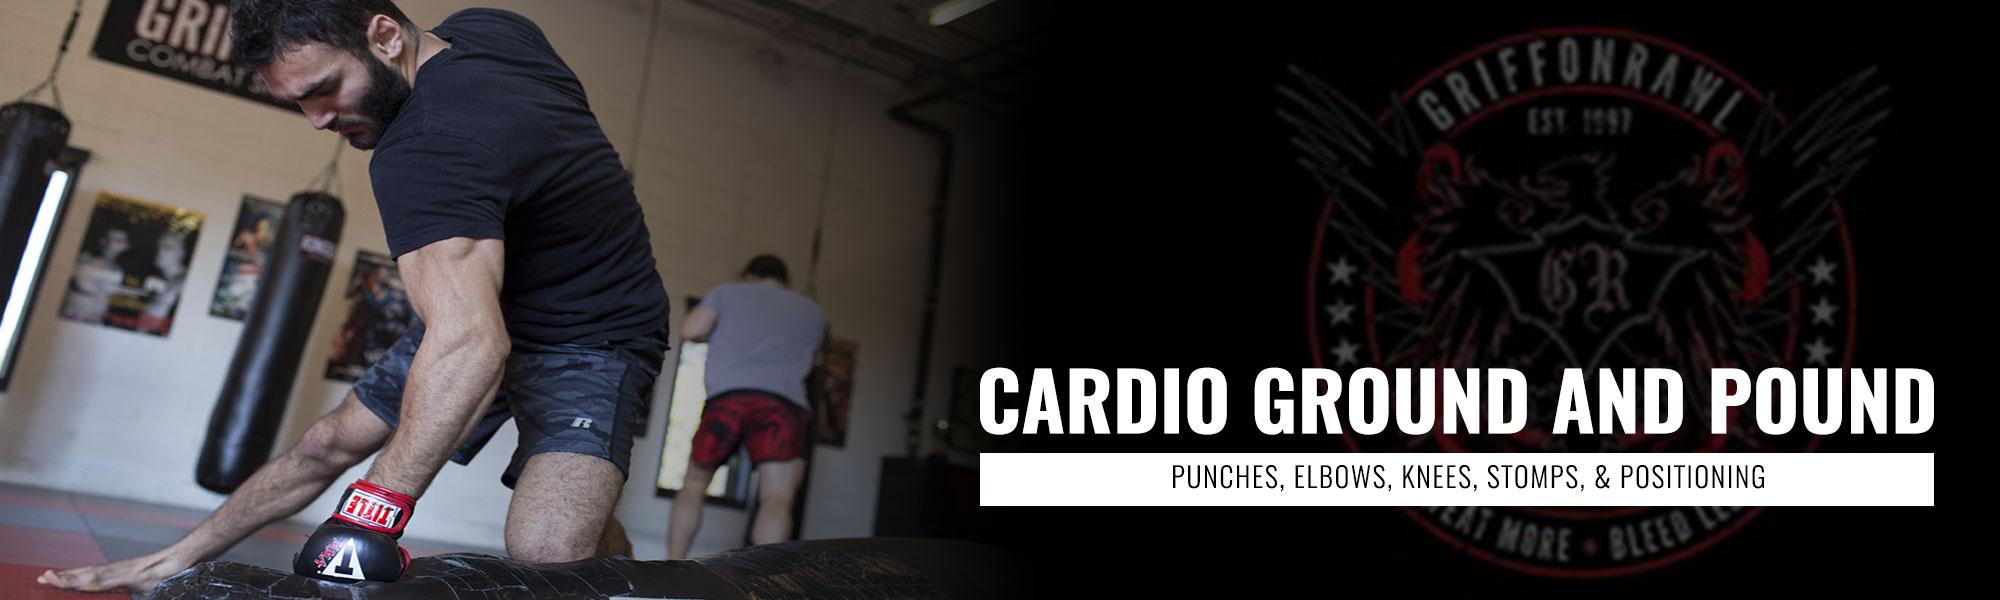 Cardio Ground and Pound